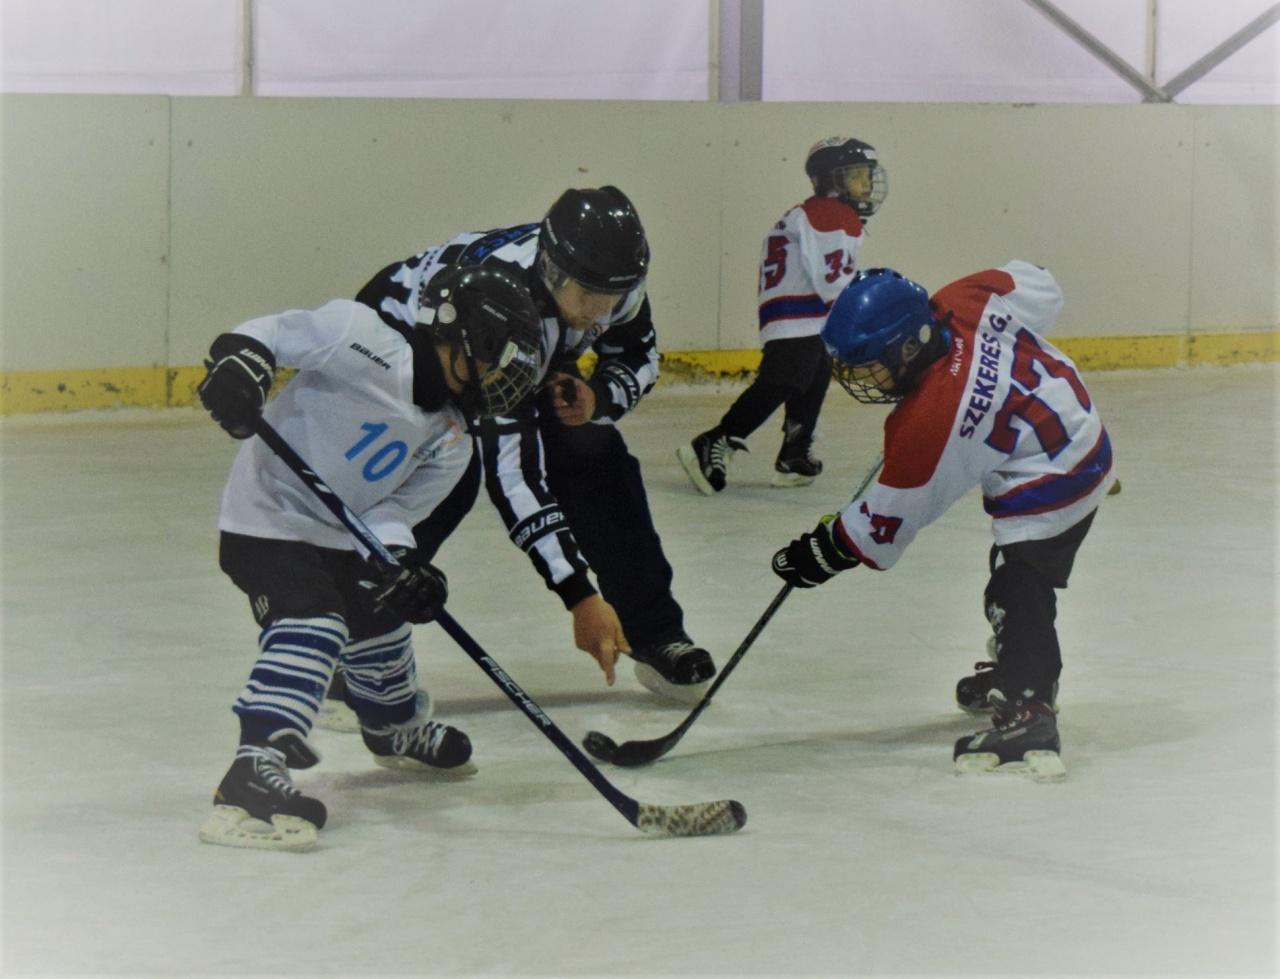 Jégkorong meccsek Nyíregyházán - több tornát is rendeznek a megyeszékhelyen